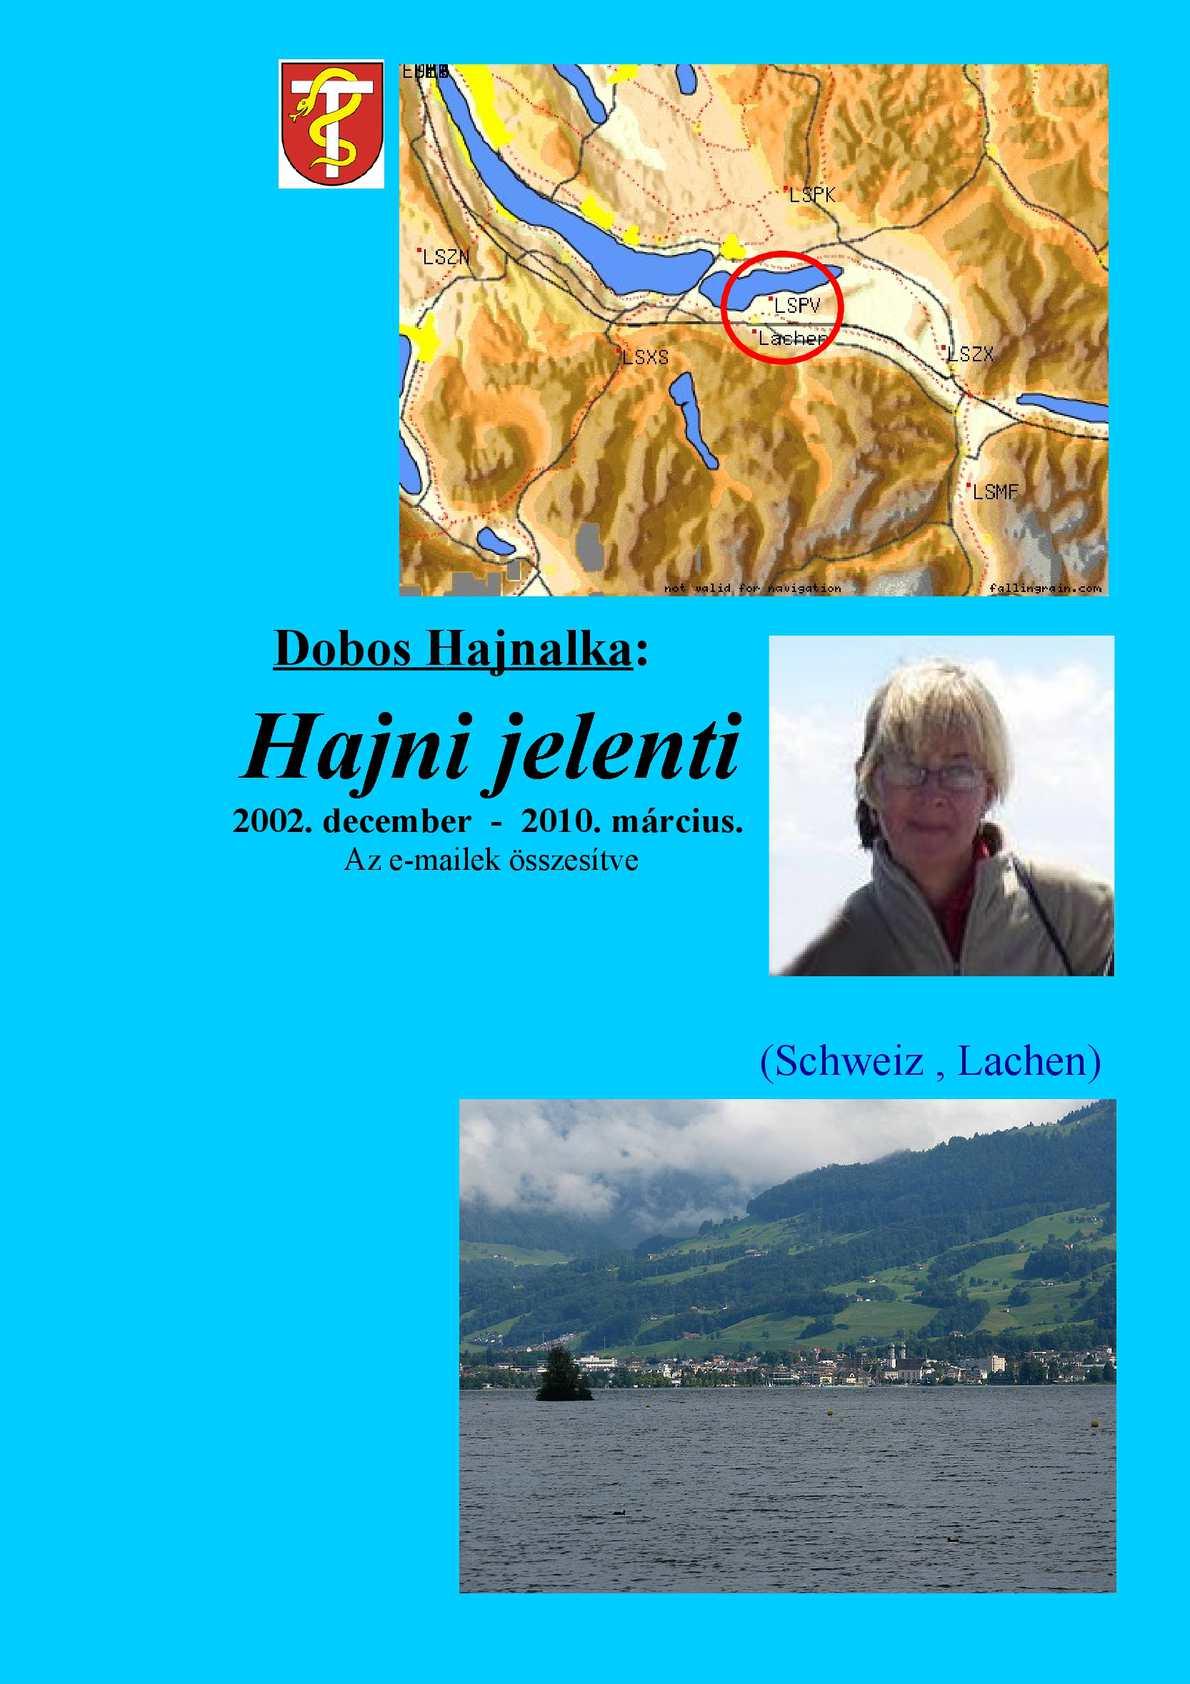 HP CelsiusUG_HUN Officejet 9100 Felhasználói Kézikönyv C00436722